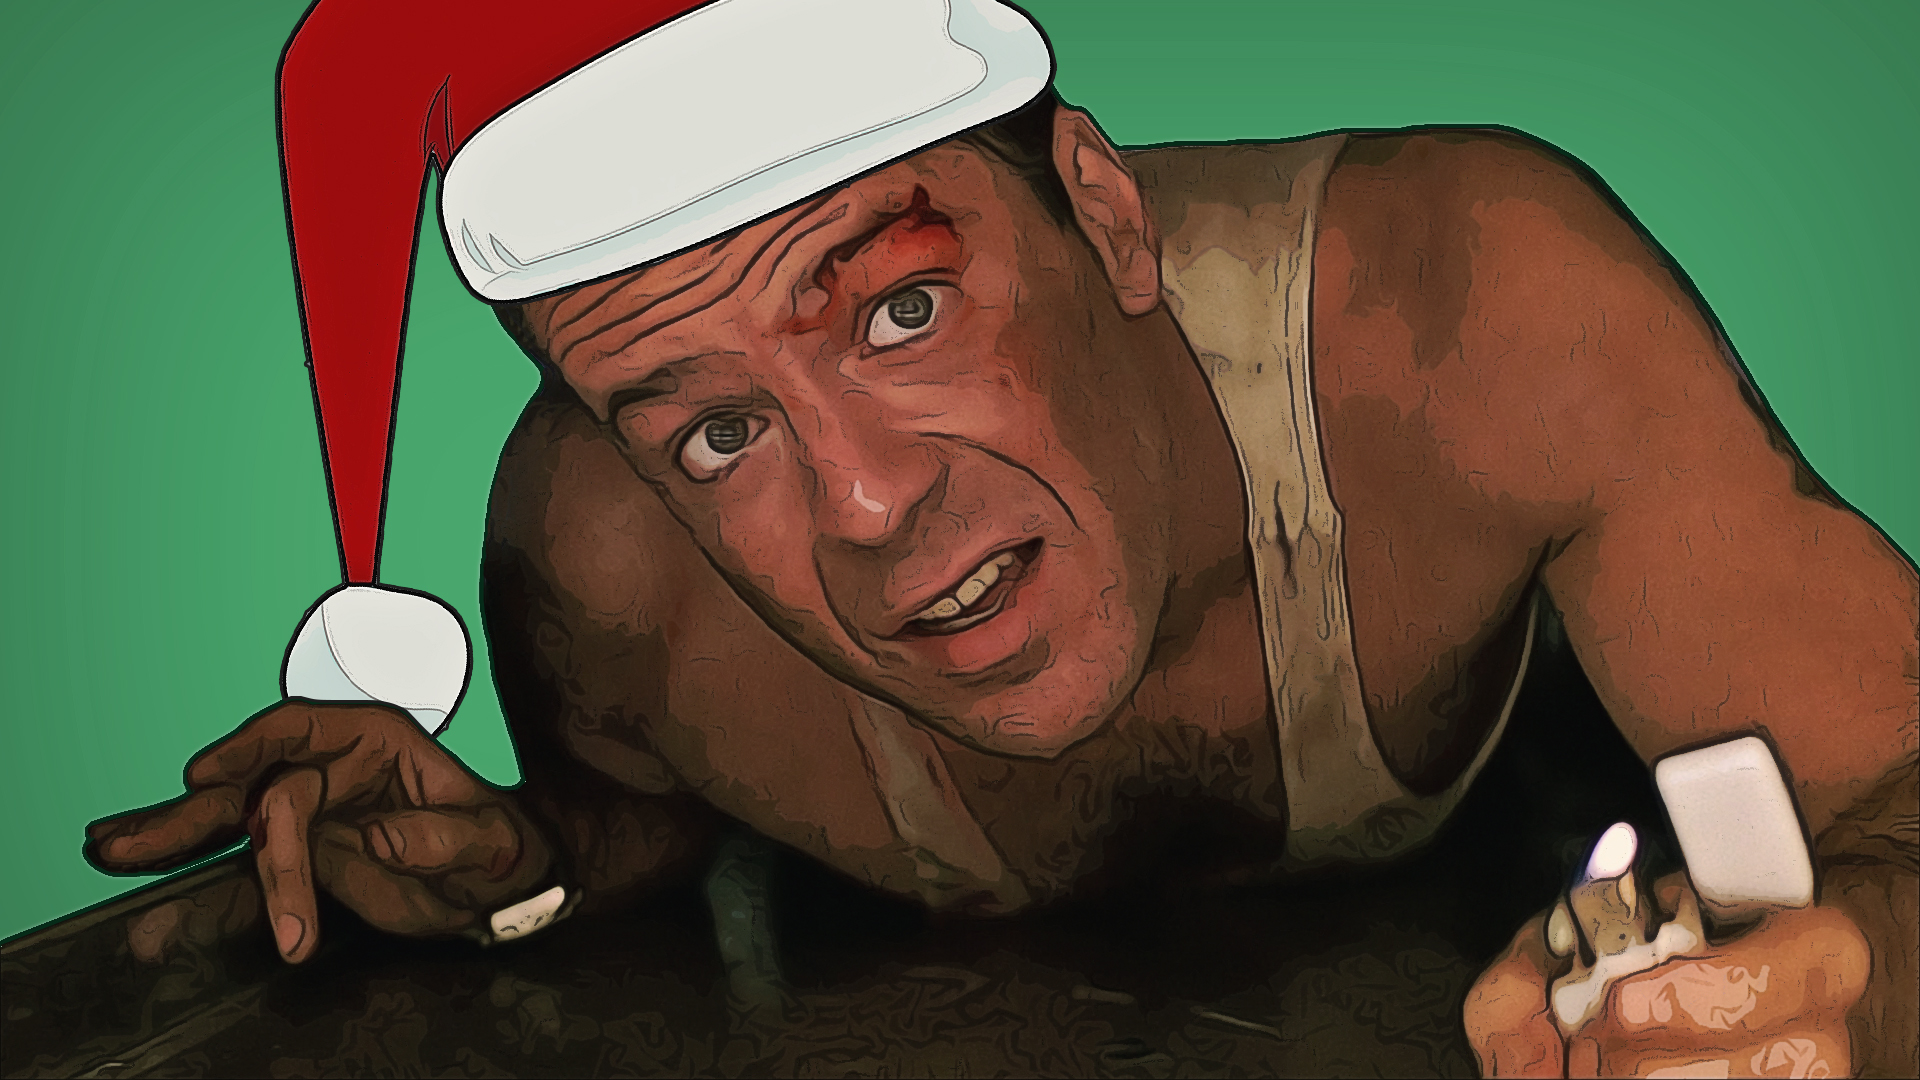 Ömlik a nyálas romantika a karácsonyi filmekből, nézzünk inkább Die Hardot!